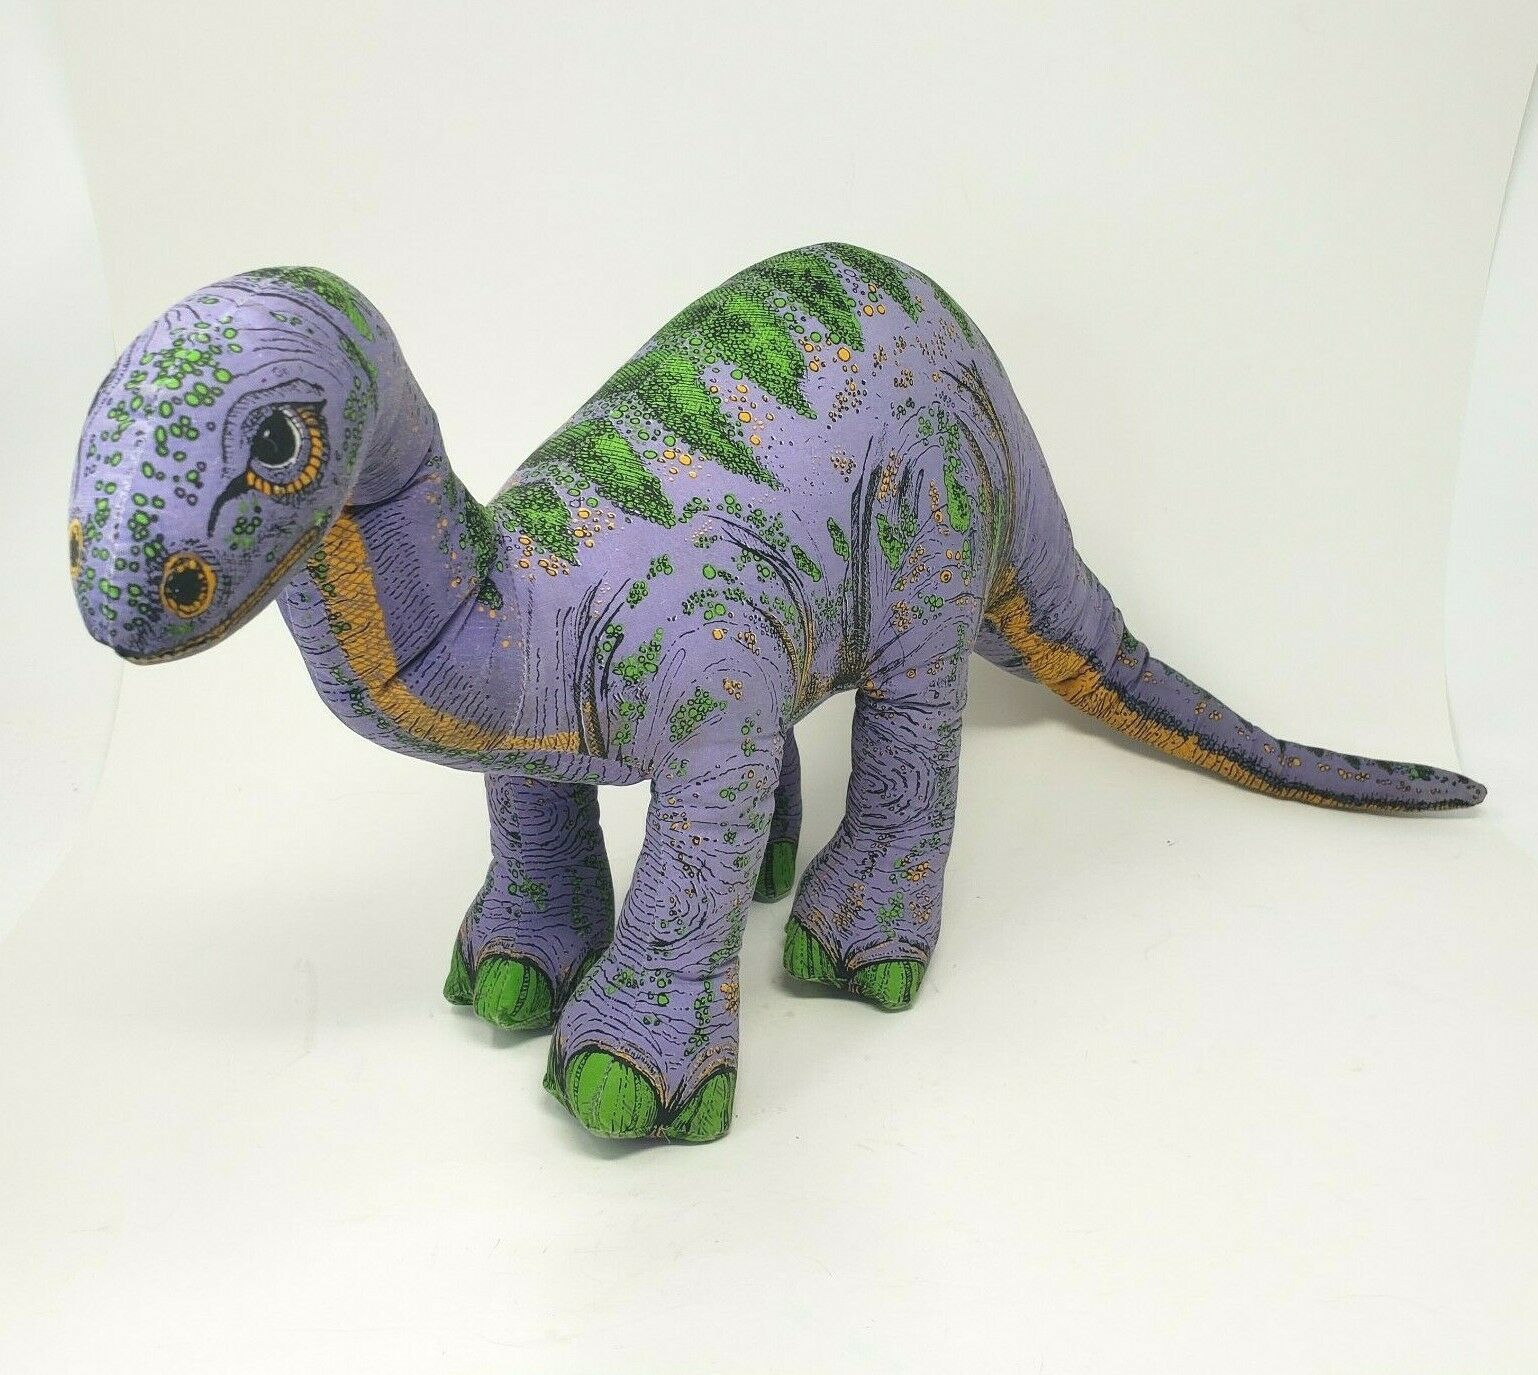 """18 """"vintage 1992 applause purple dinosaur platesaurus dino stuffed animal - $54.82"""